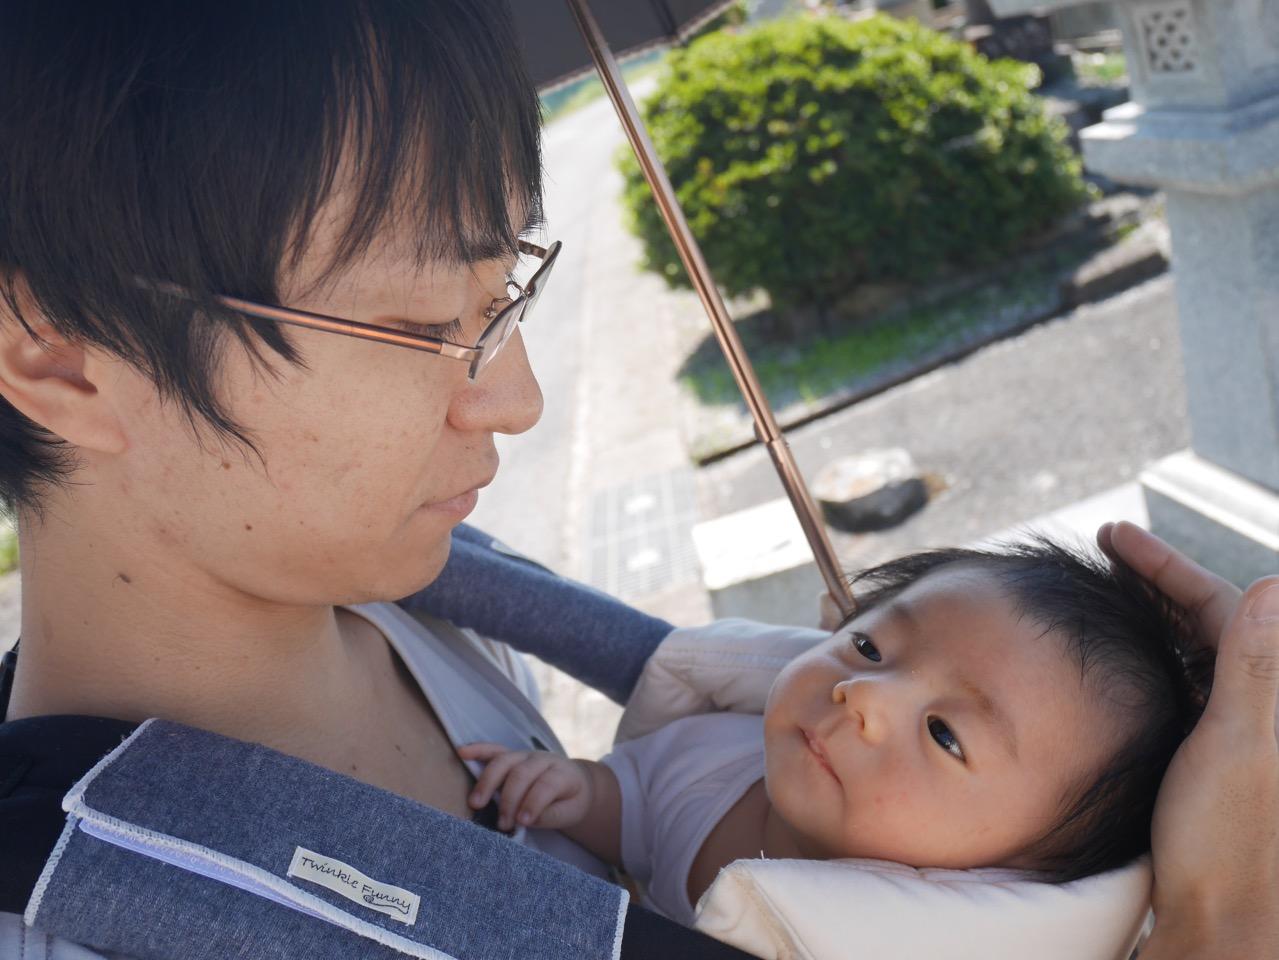 「2カ月仕事から離れることは、不安がいっぱい」男性の育児休暇